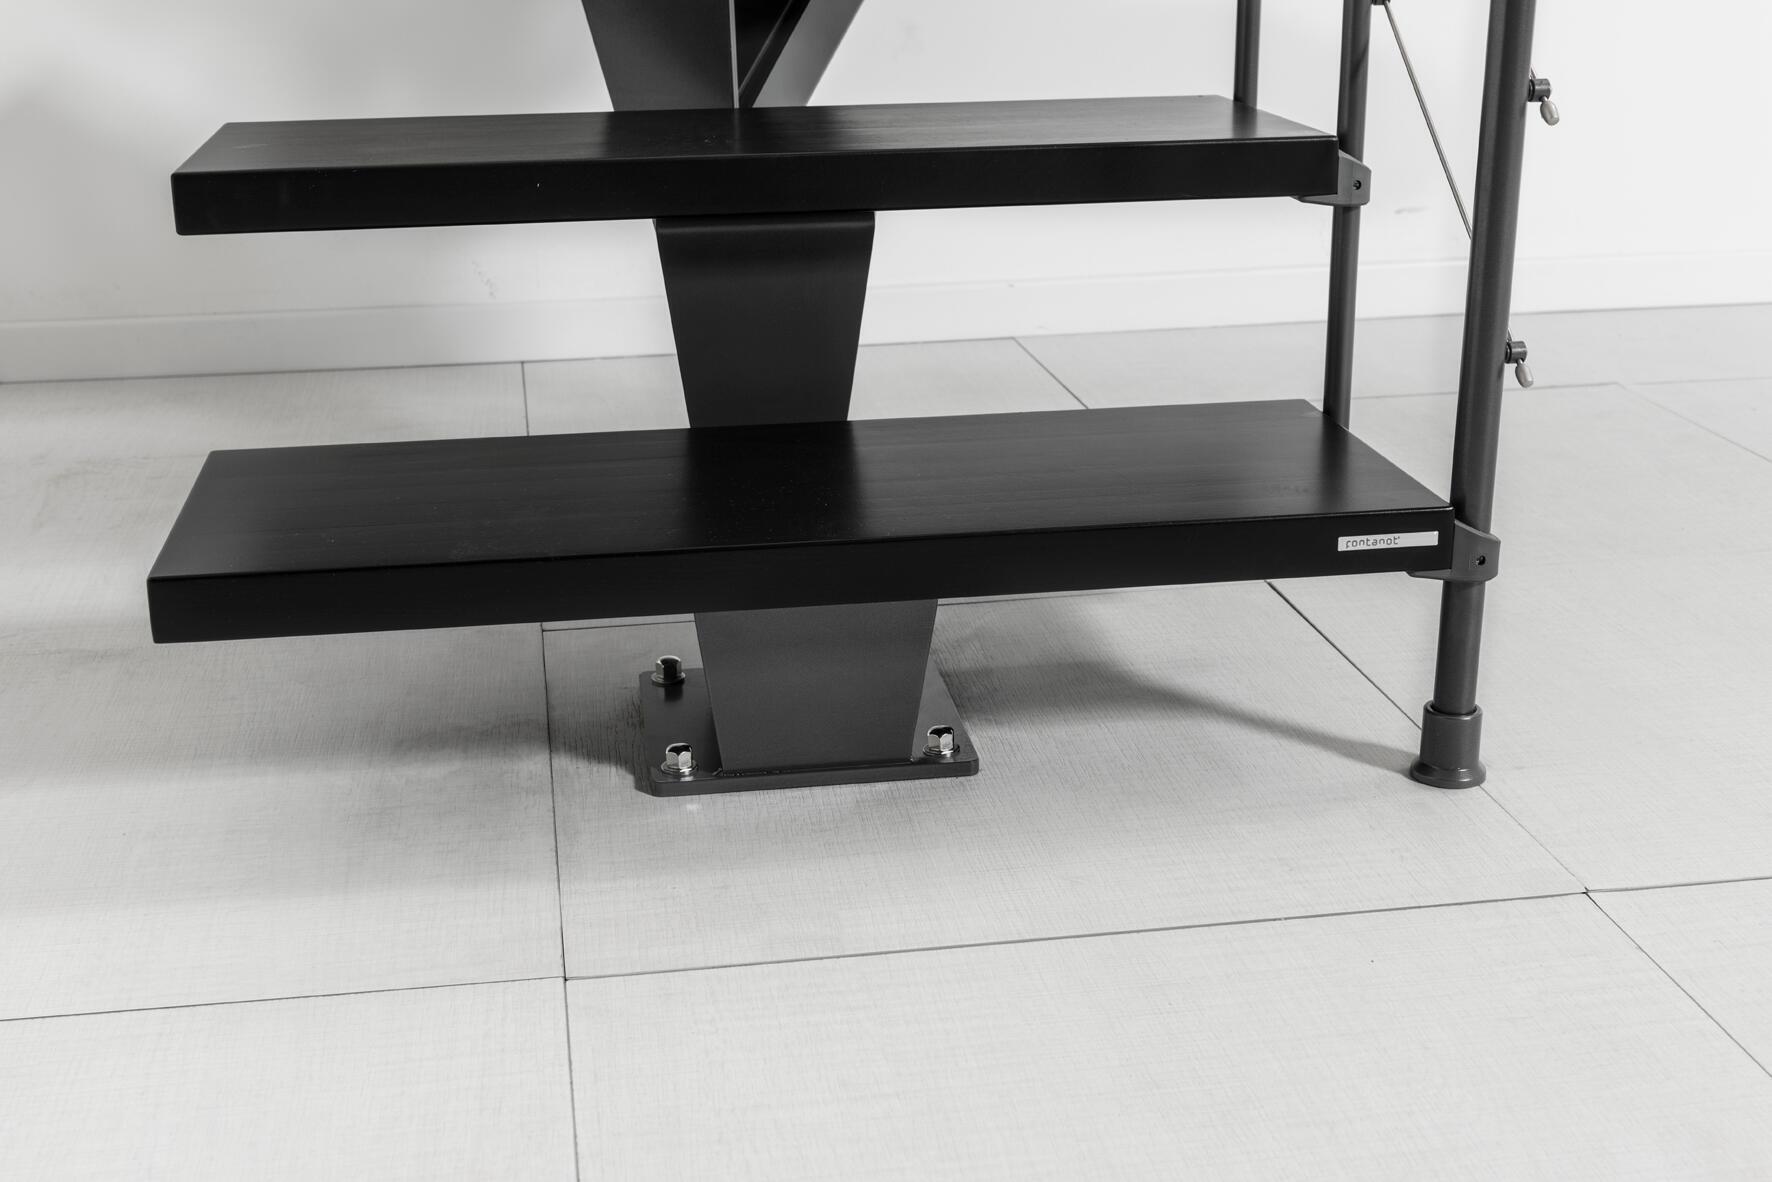 Scala a rampa 1/4 di giro Mas FONTANOT L 85 cm, gradino grigio antracite scuro, struttura antracite - 4